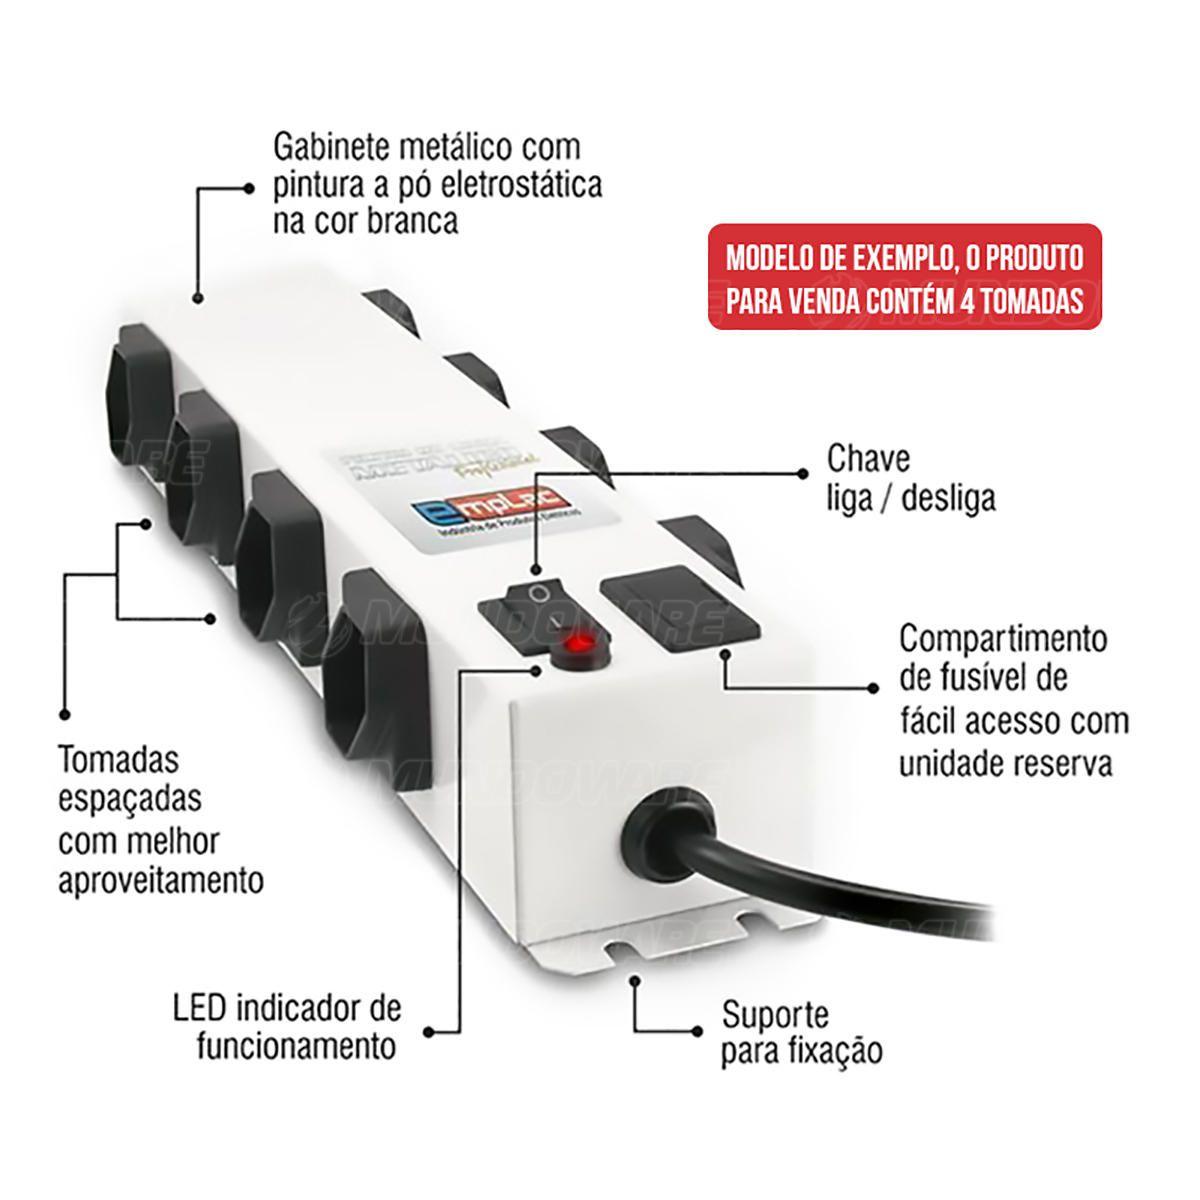 Filtro de Linha Metálico Profissional Bivolt 4 Tomadas 10A Cabo 1 metro Certificado Protetor Eletrônico Emplac F50094